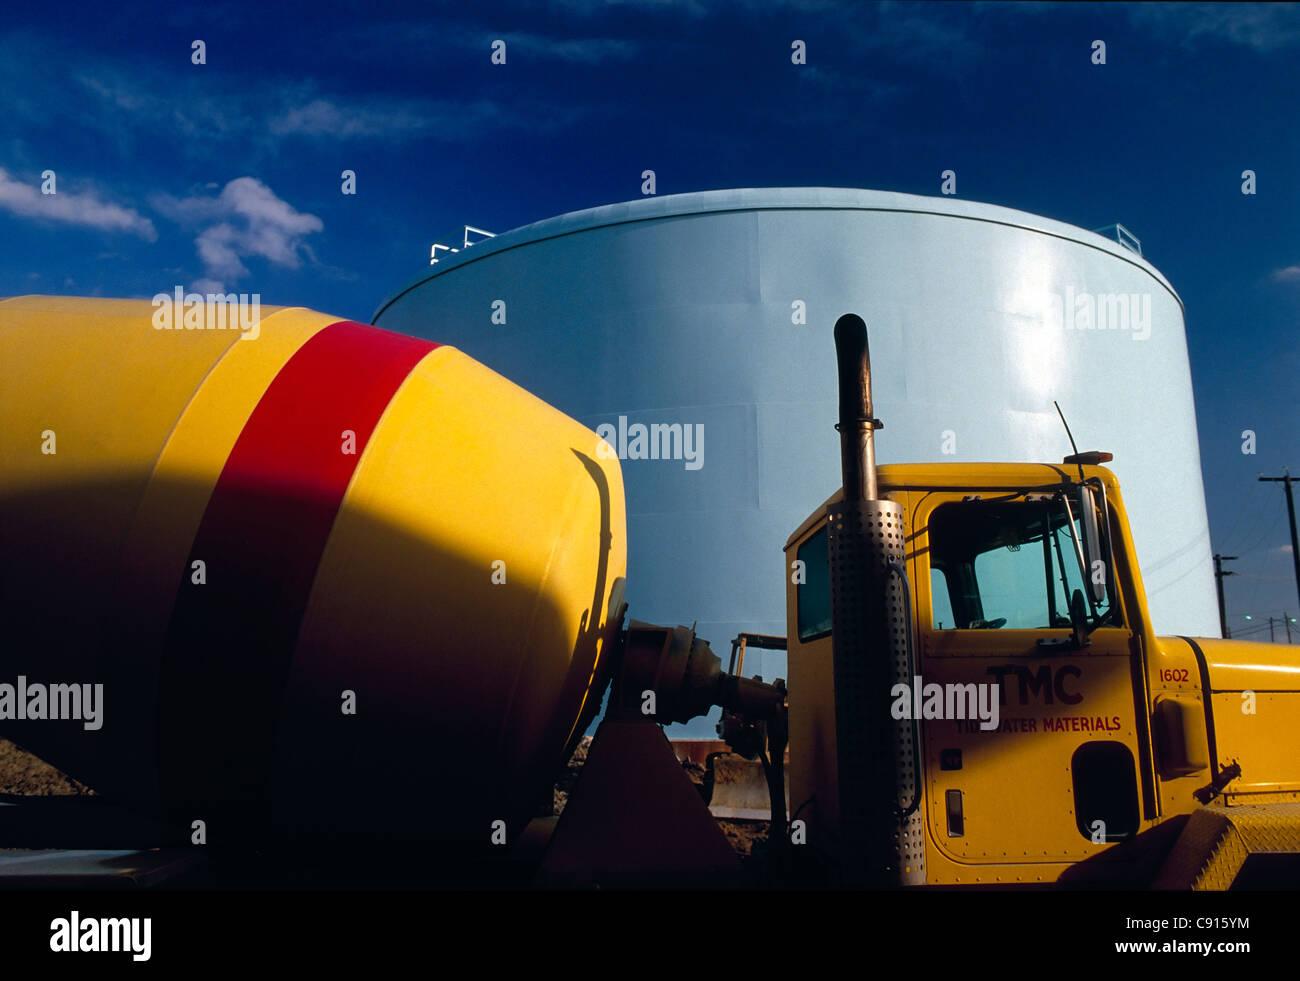 Camion ciment jaune sur le site de construction d'une usine de traitement de l'eau, Hopewell, en Virginie, Photo Stock